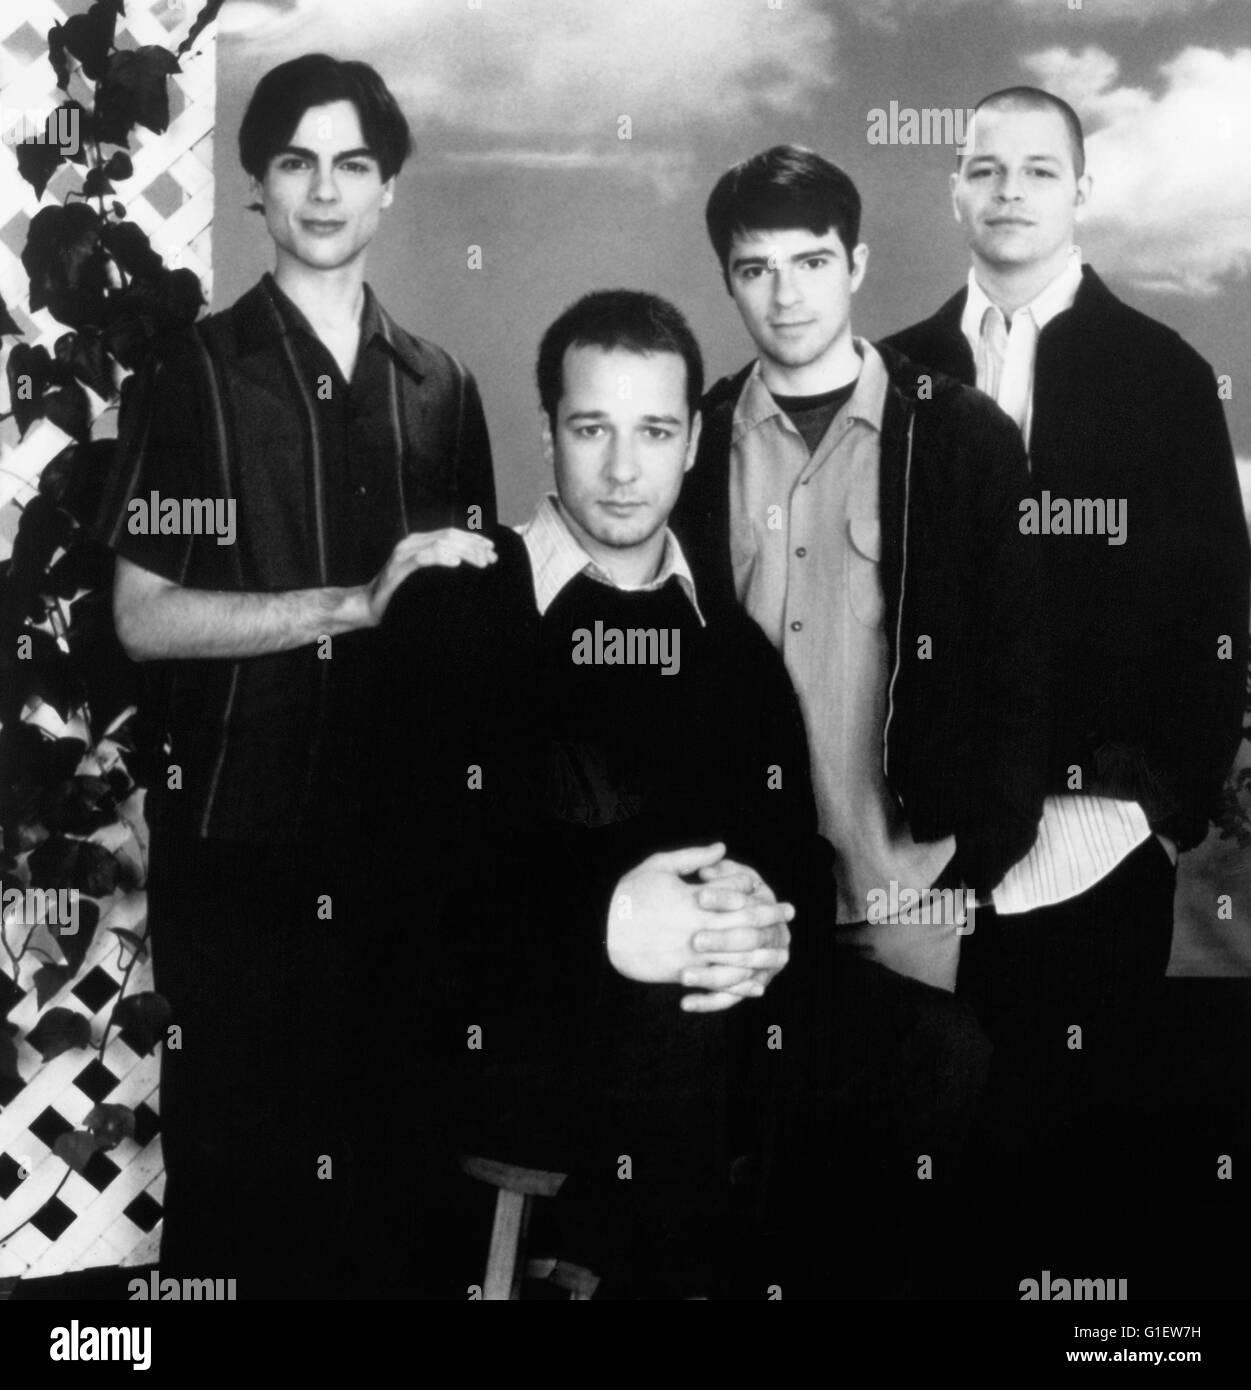 Die amerikanische Alternative Rock Band Weezer bestehend aus Brian Bell, Patrick Wilson, Matt Sharp und Rivers Cuomo, Stock Photo